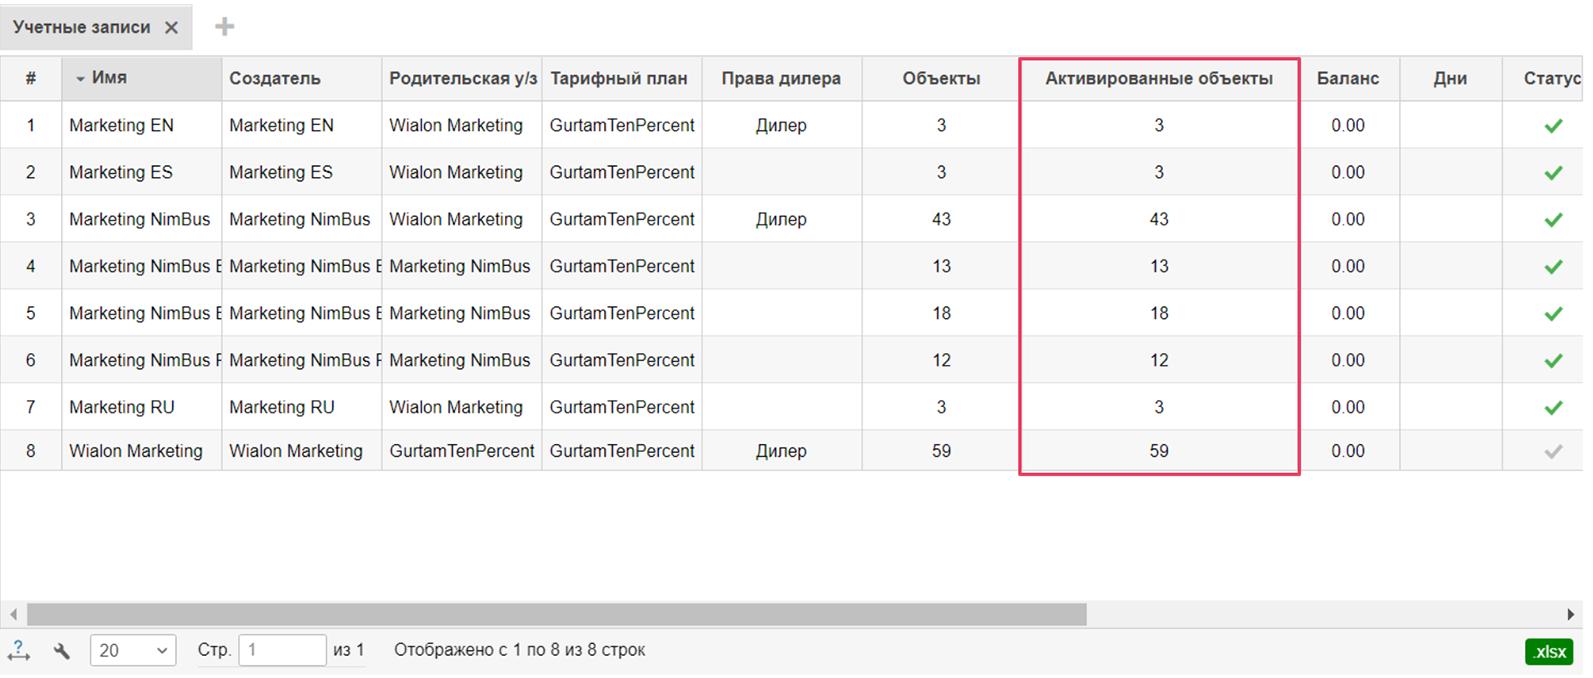 Количество активированных объектов на вкладке «Учетные записи»